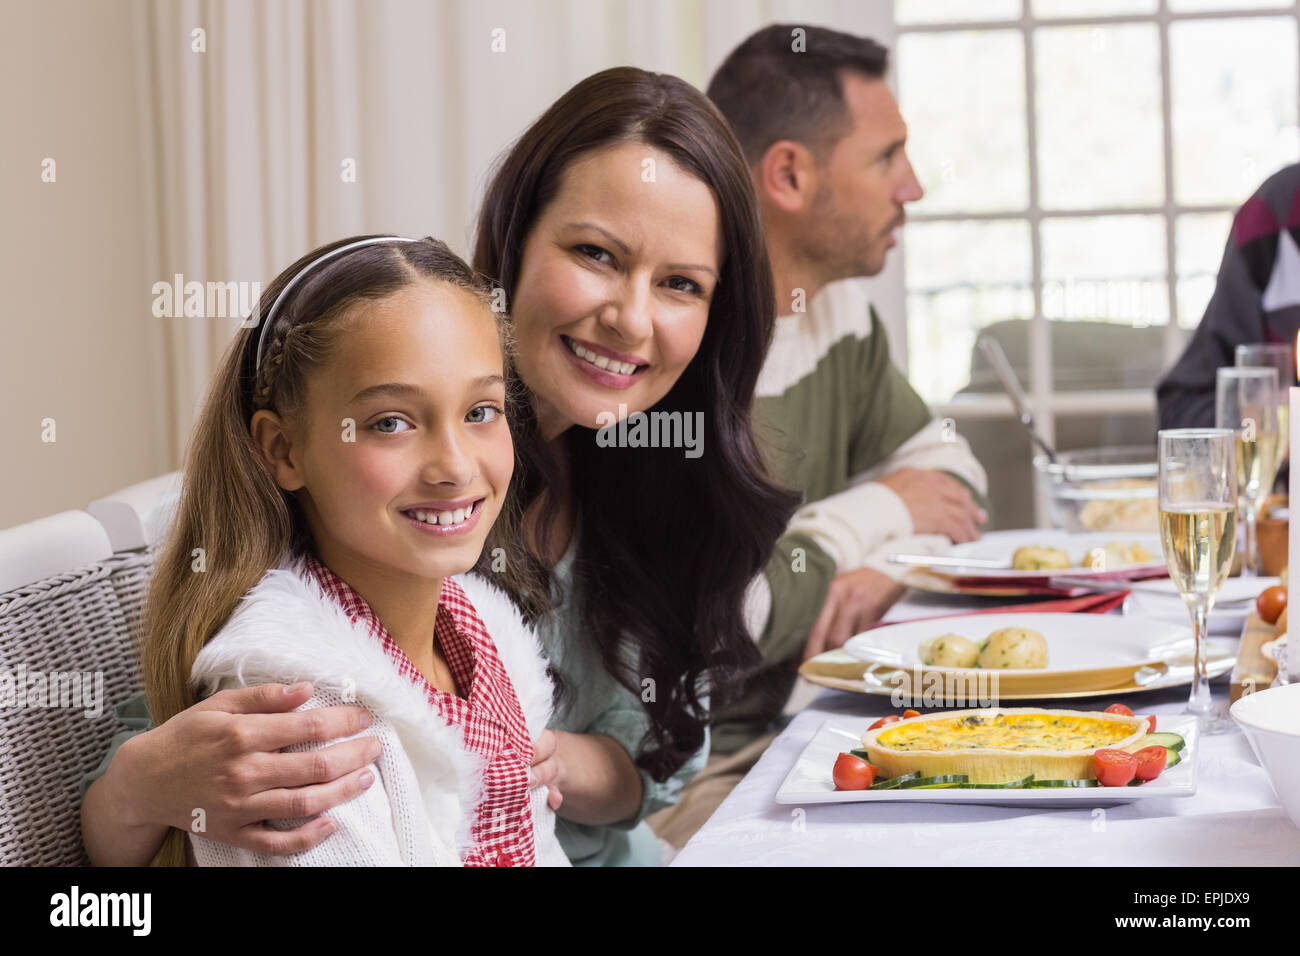 La ragazza e la madre a cena di Natale sorridente in telecamera Foto Stock